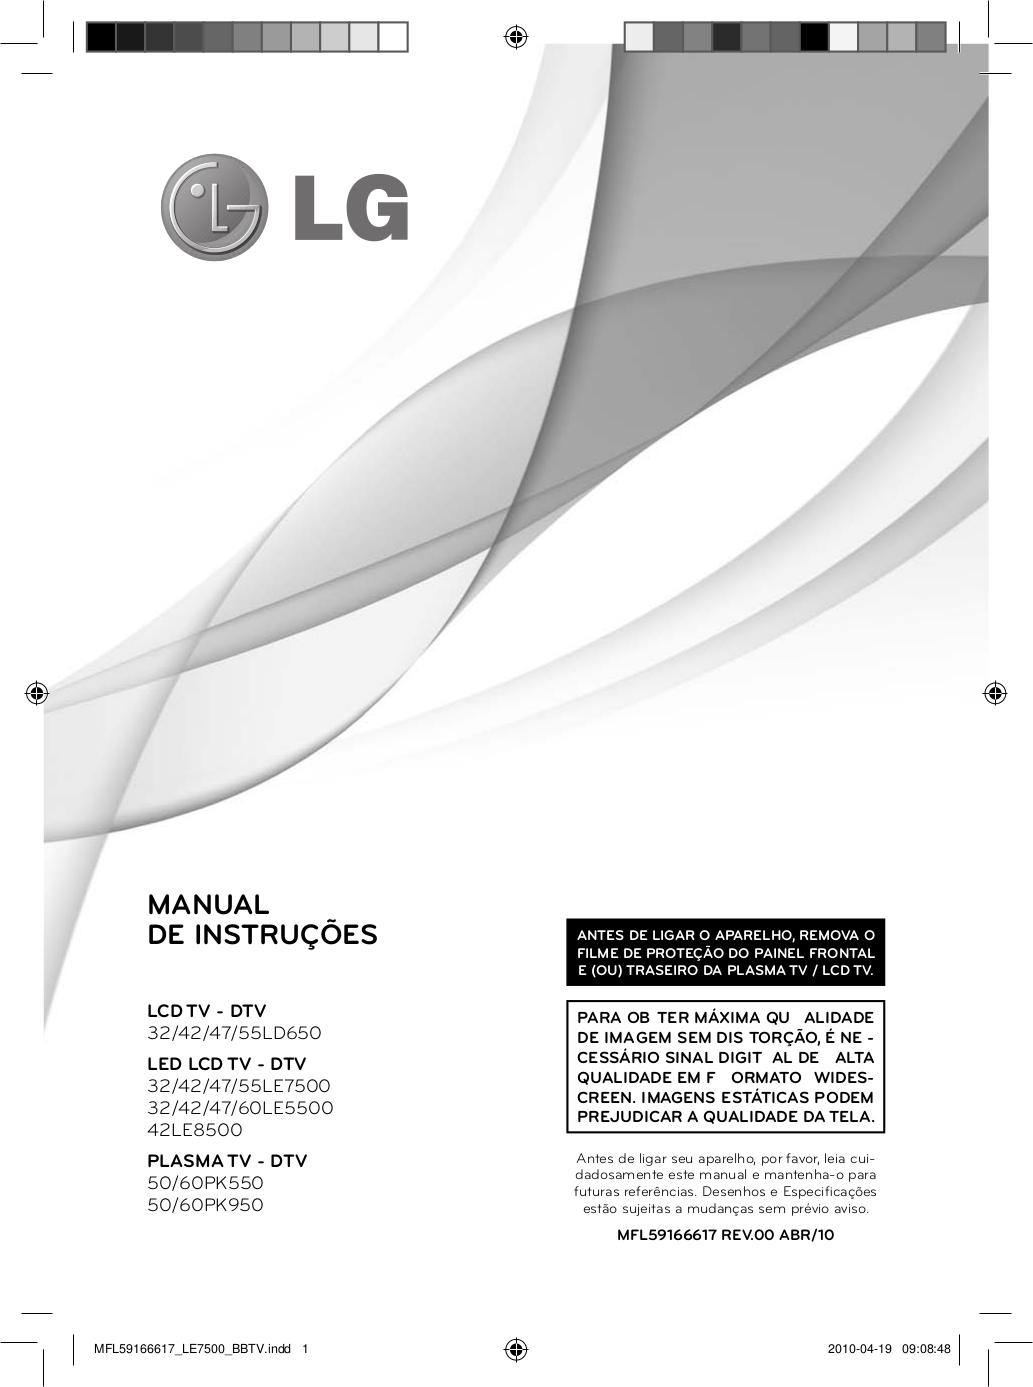 pdf for LG TV LG50 manual